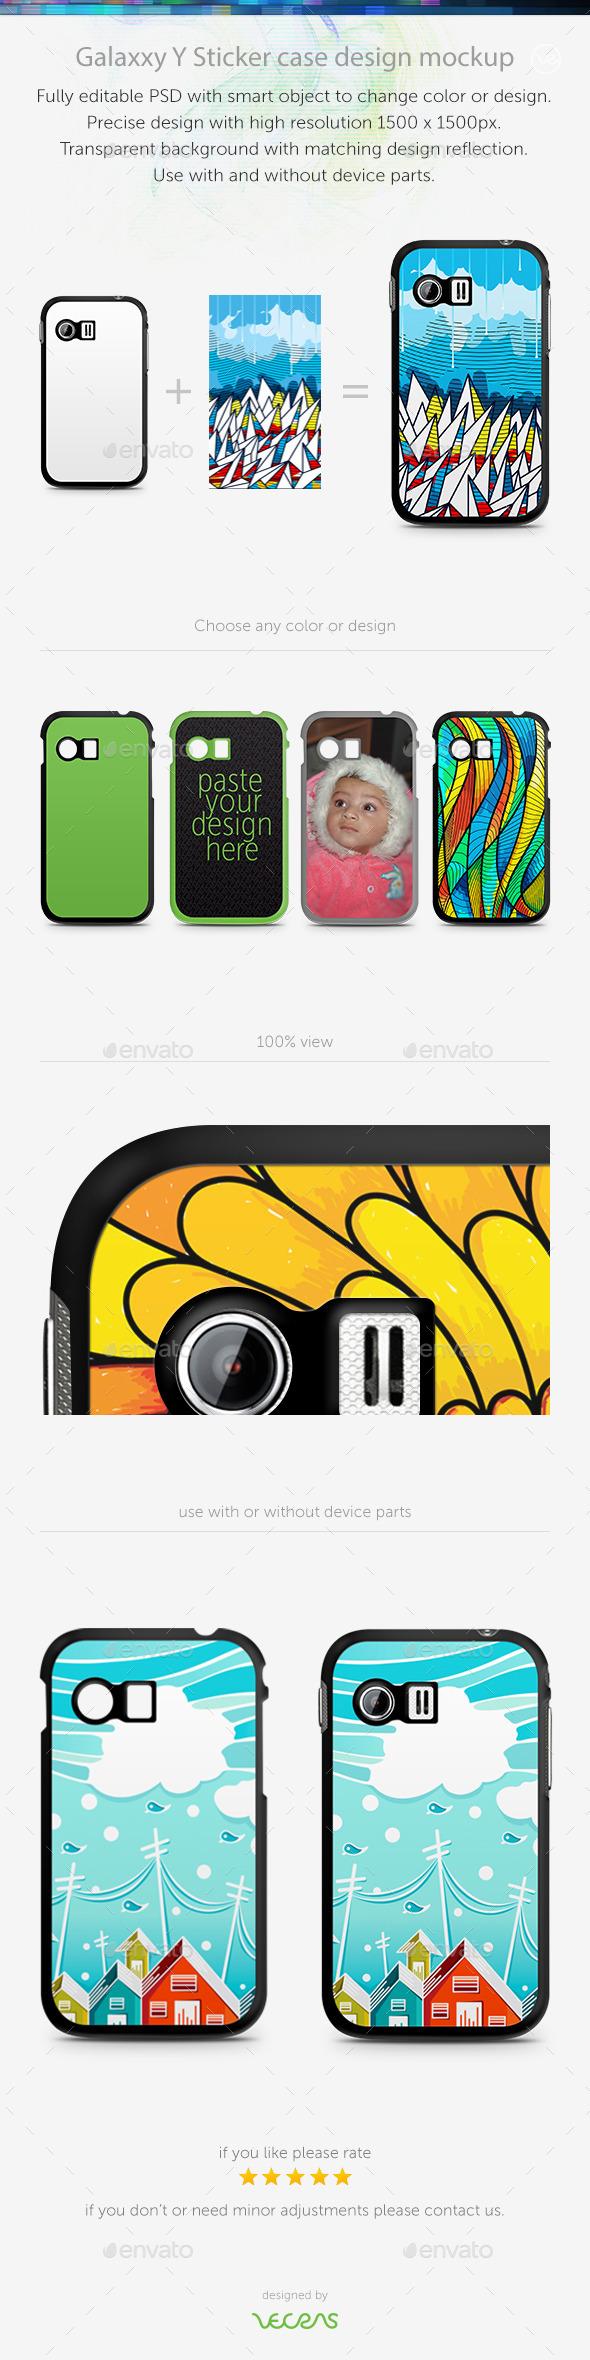 Galaxxy Y Sticker Case Design Mockup